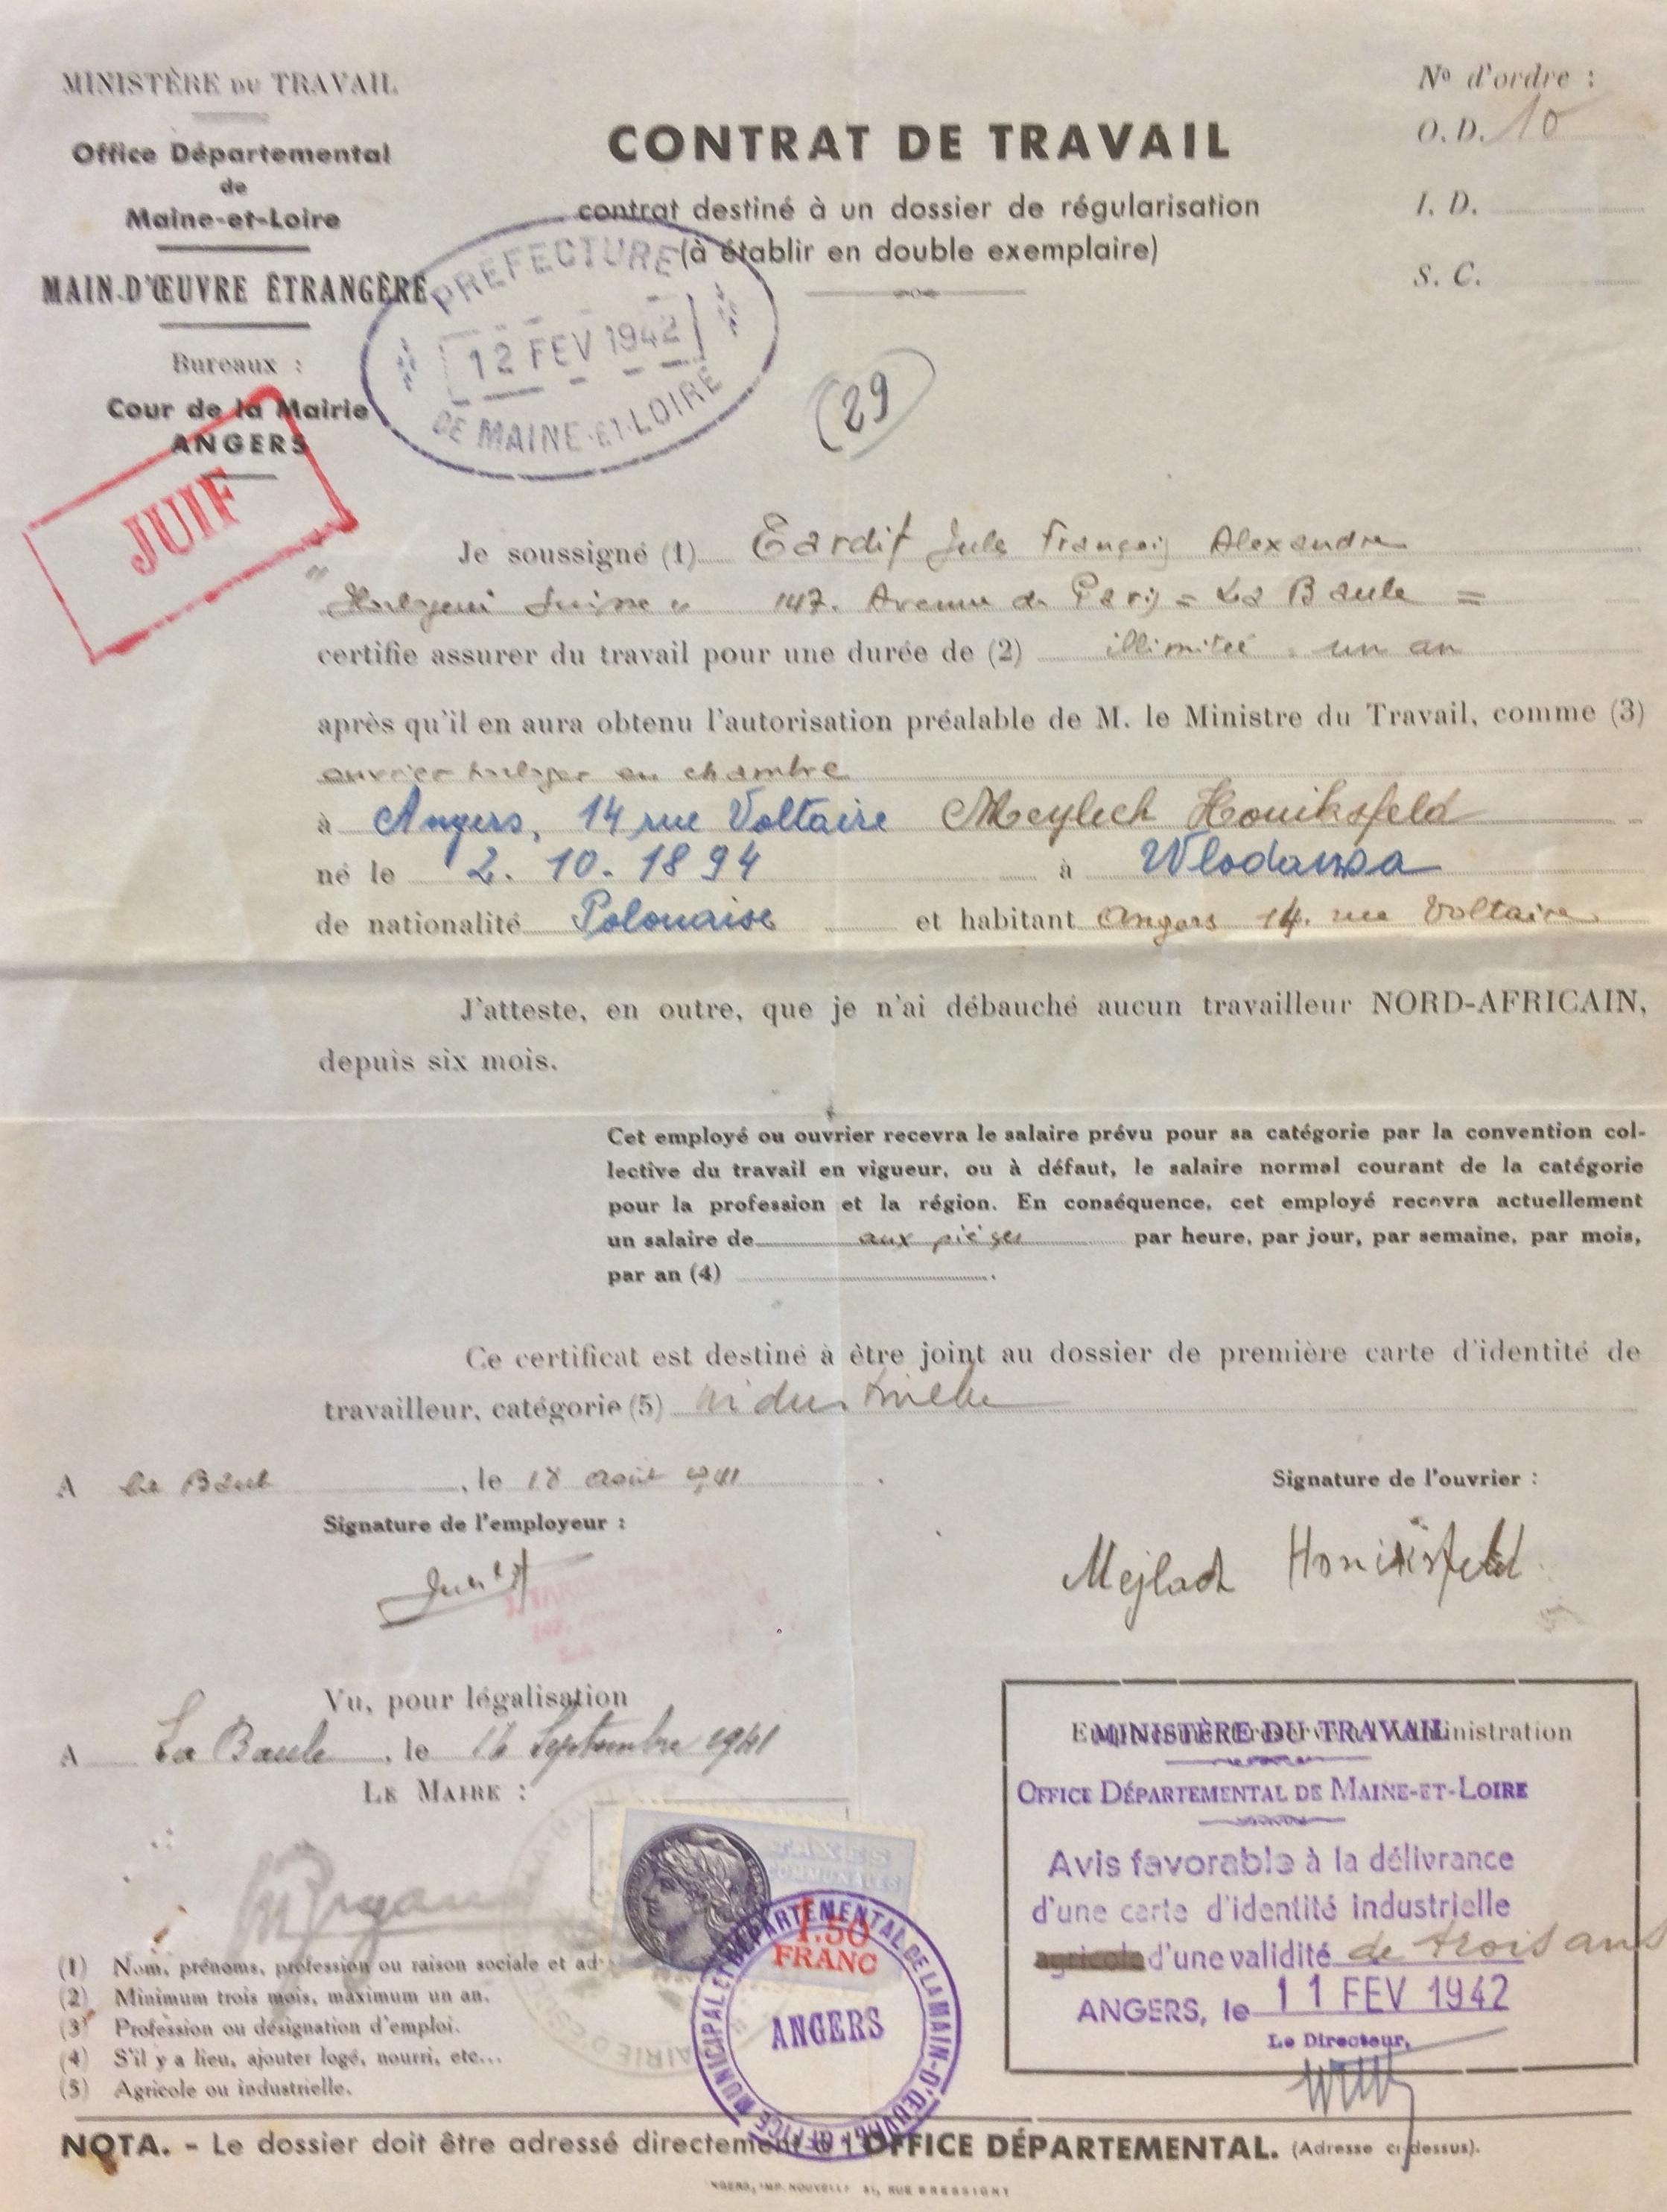 Contrat de travail rédigé par Jules TARDIF pour le compte de Meilach HONIKSFELD [ADML 120W61]